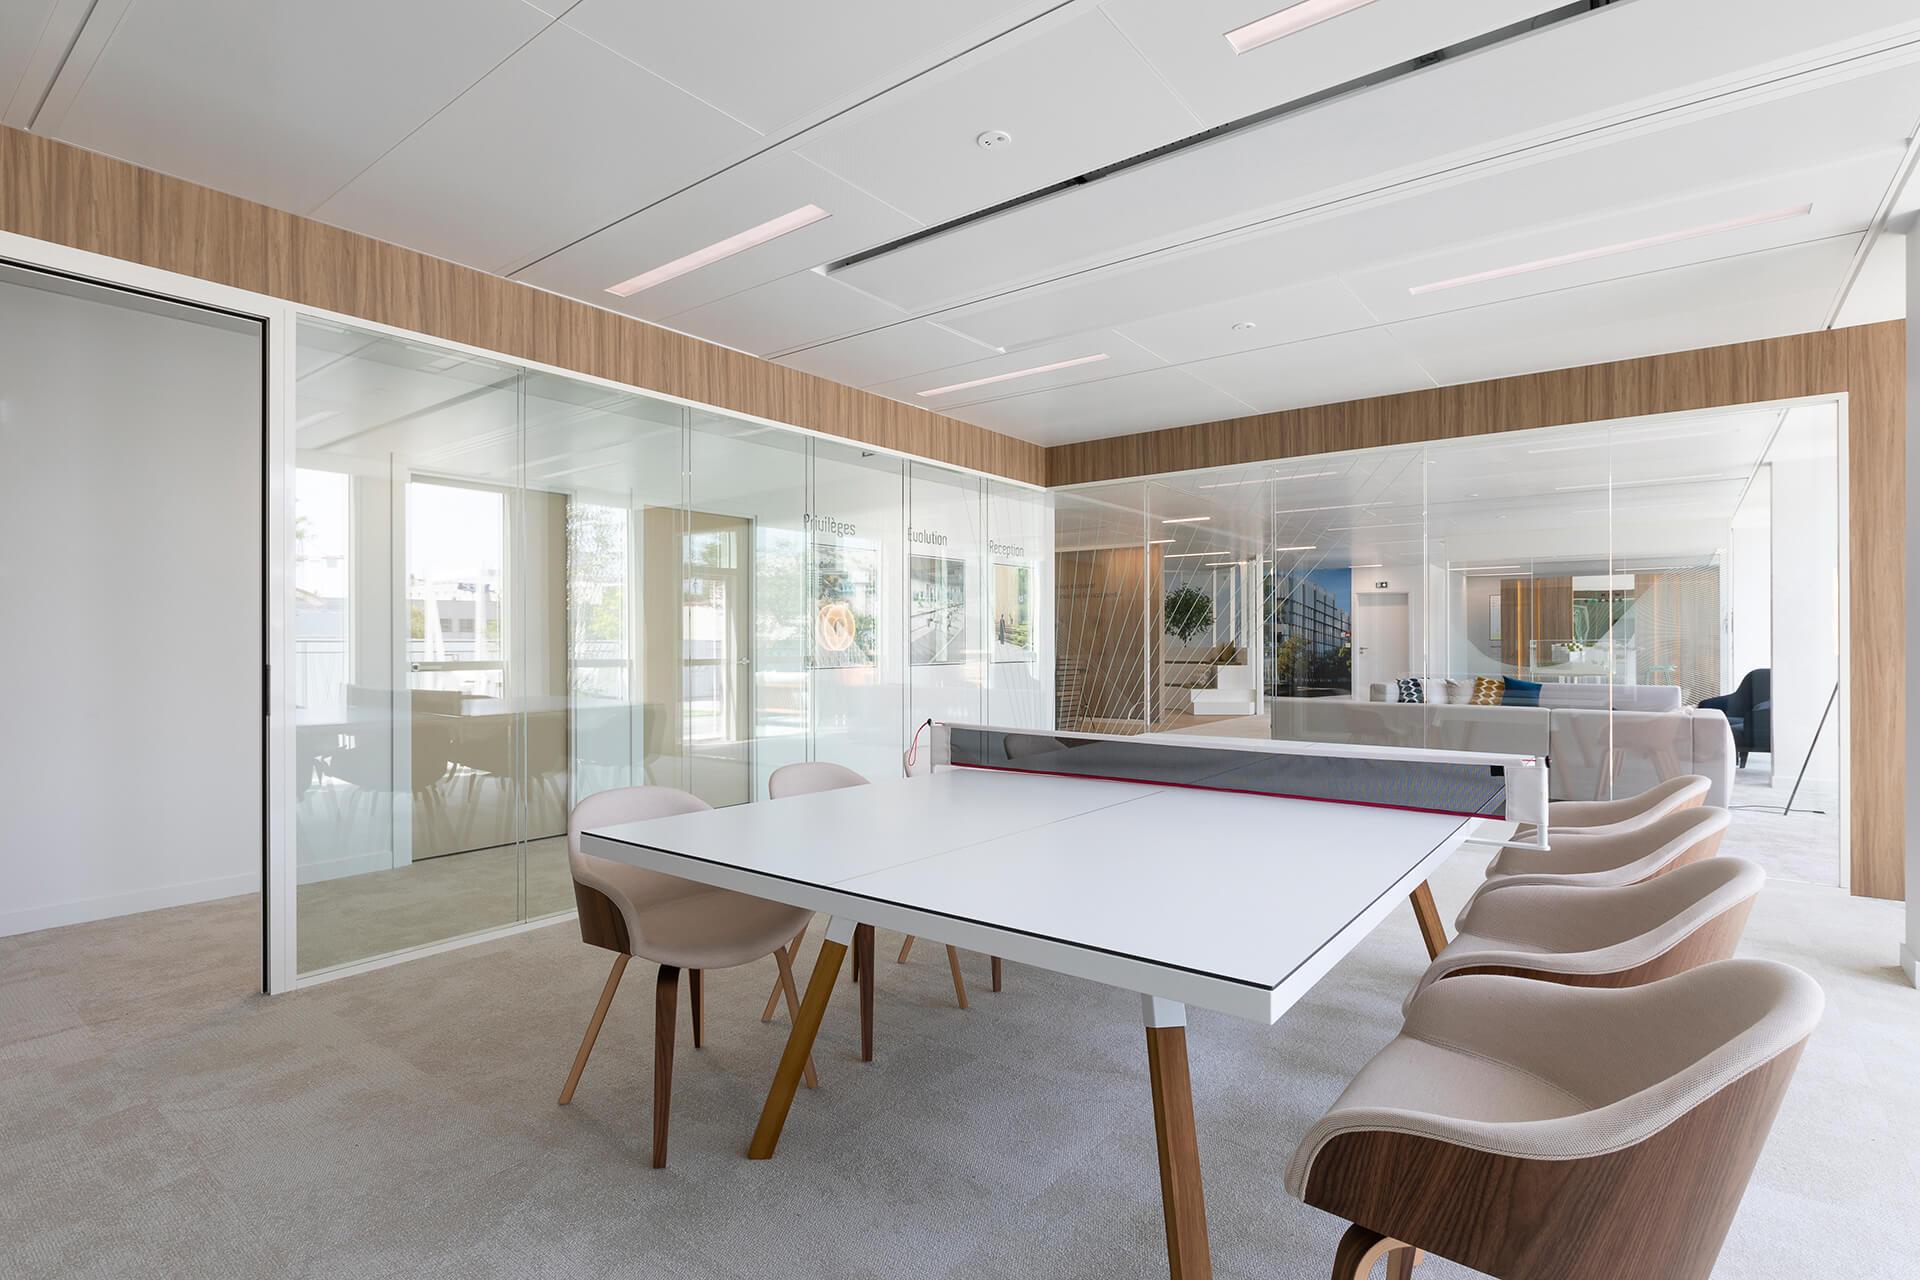 sala de convivio com mesa de ping-pong e cadeiras